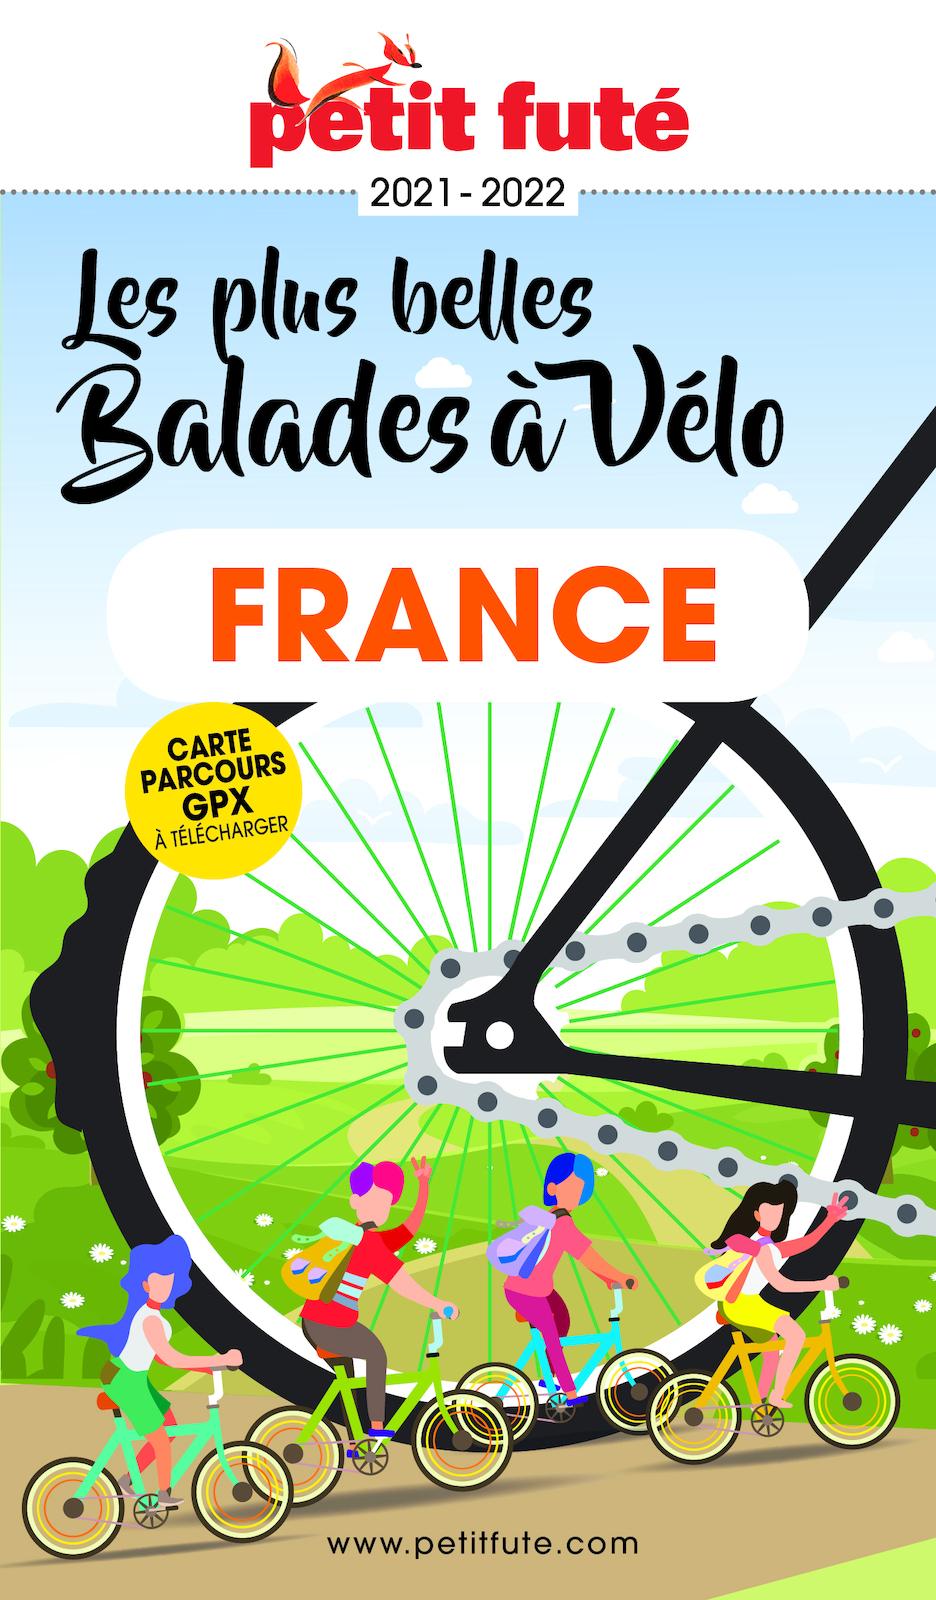 LES PLUS BELLES BALADES DE FRANCE À VÉLO 2021/2022 Petit Futé